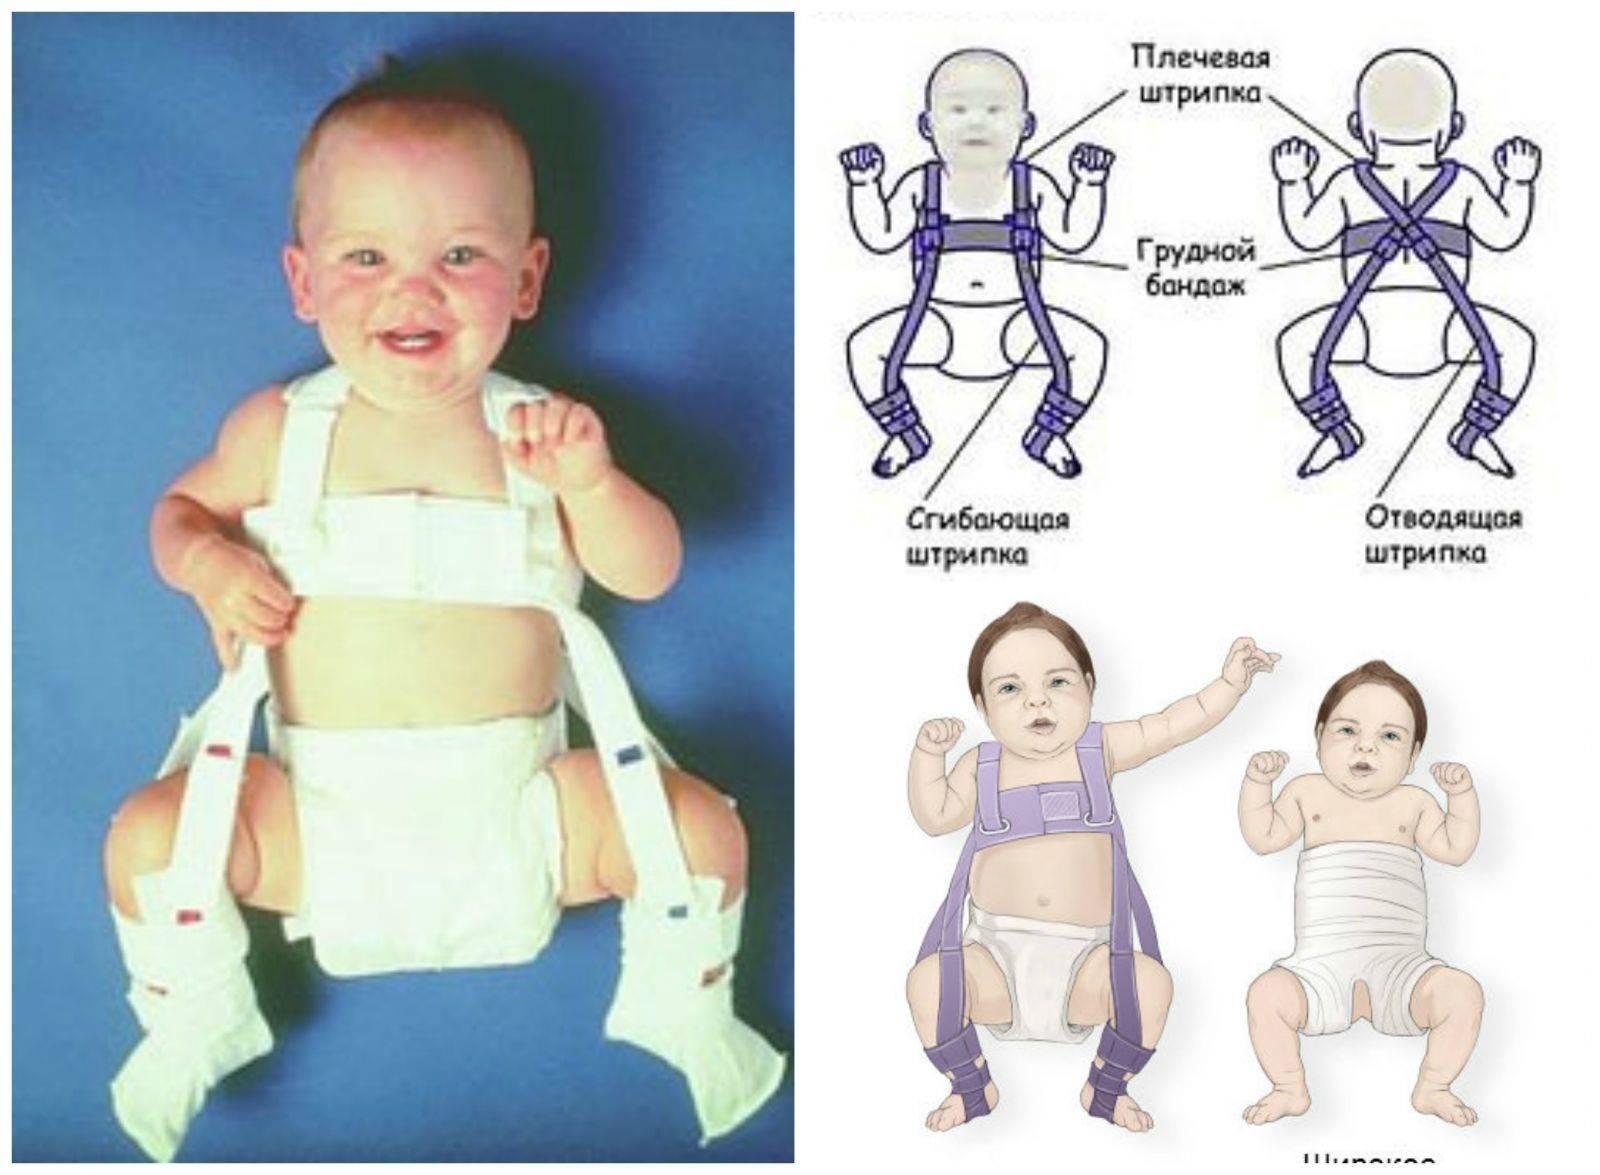 Определение дисплазии тазобедренных суставов видео